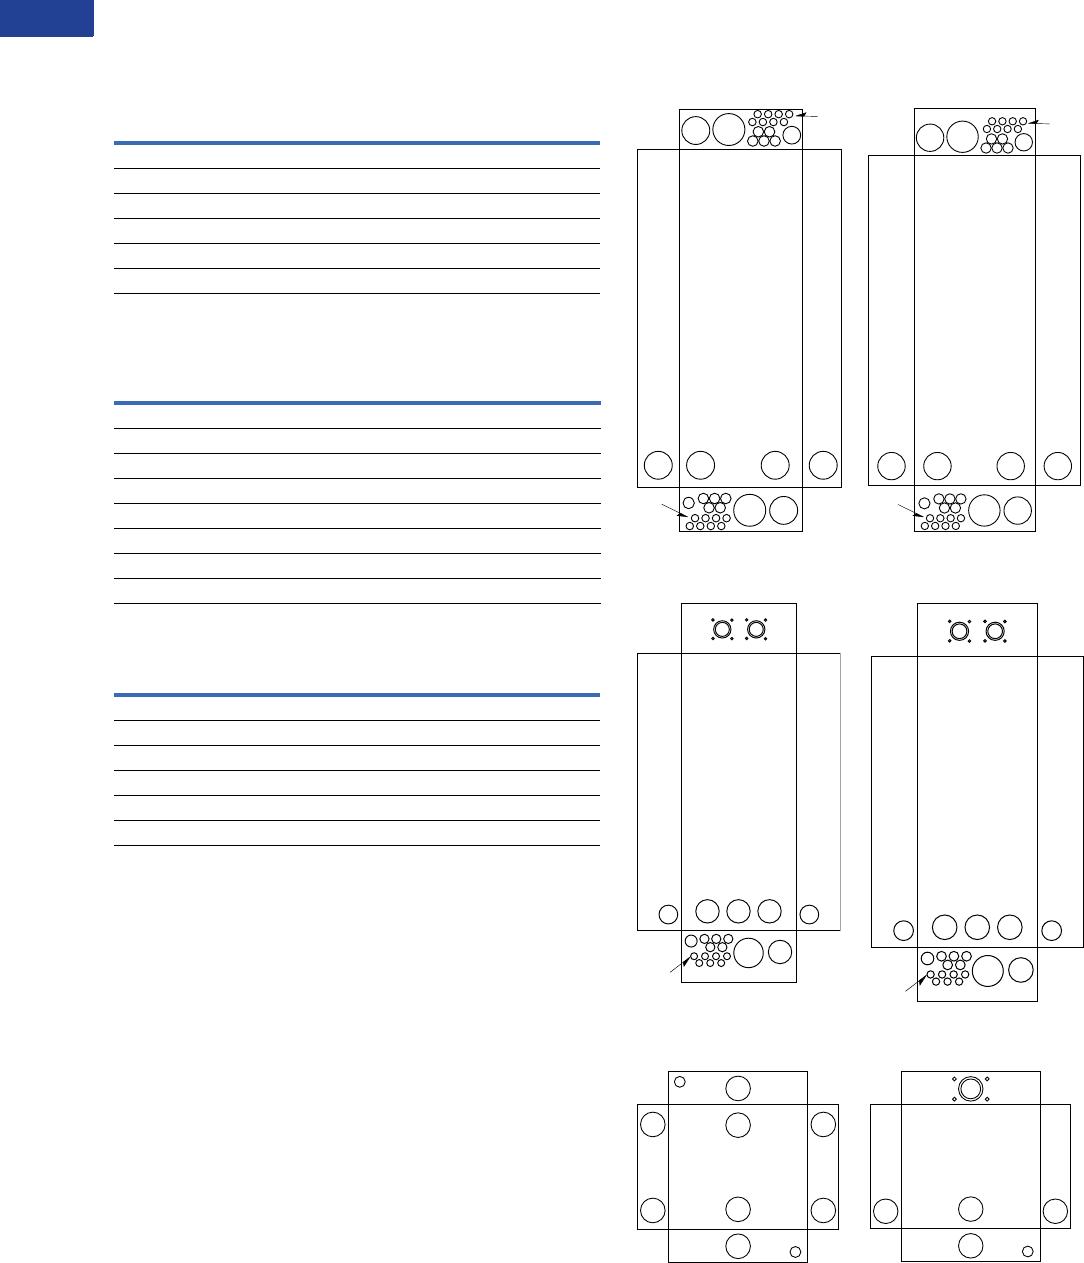 Volume 1 Brochure Corporation Br120af Single Pole Arc Fault Circuit Breaker 20amp V1 T1 70 1residential And Light Commercial Ca08100002eseptember 2016 Eatoncom